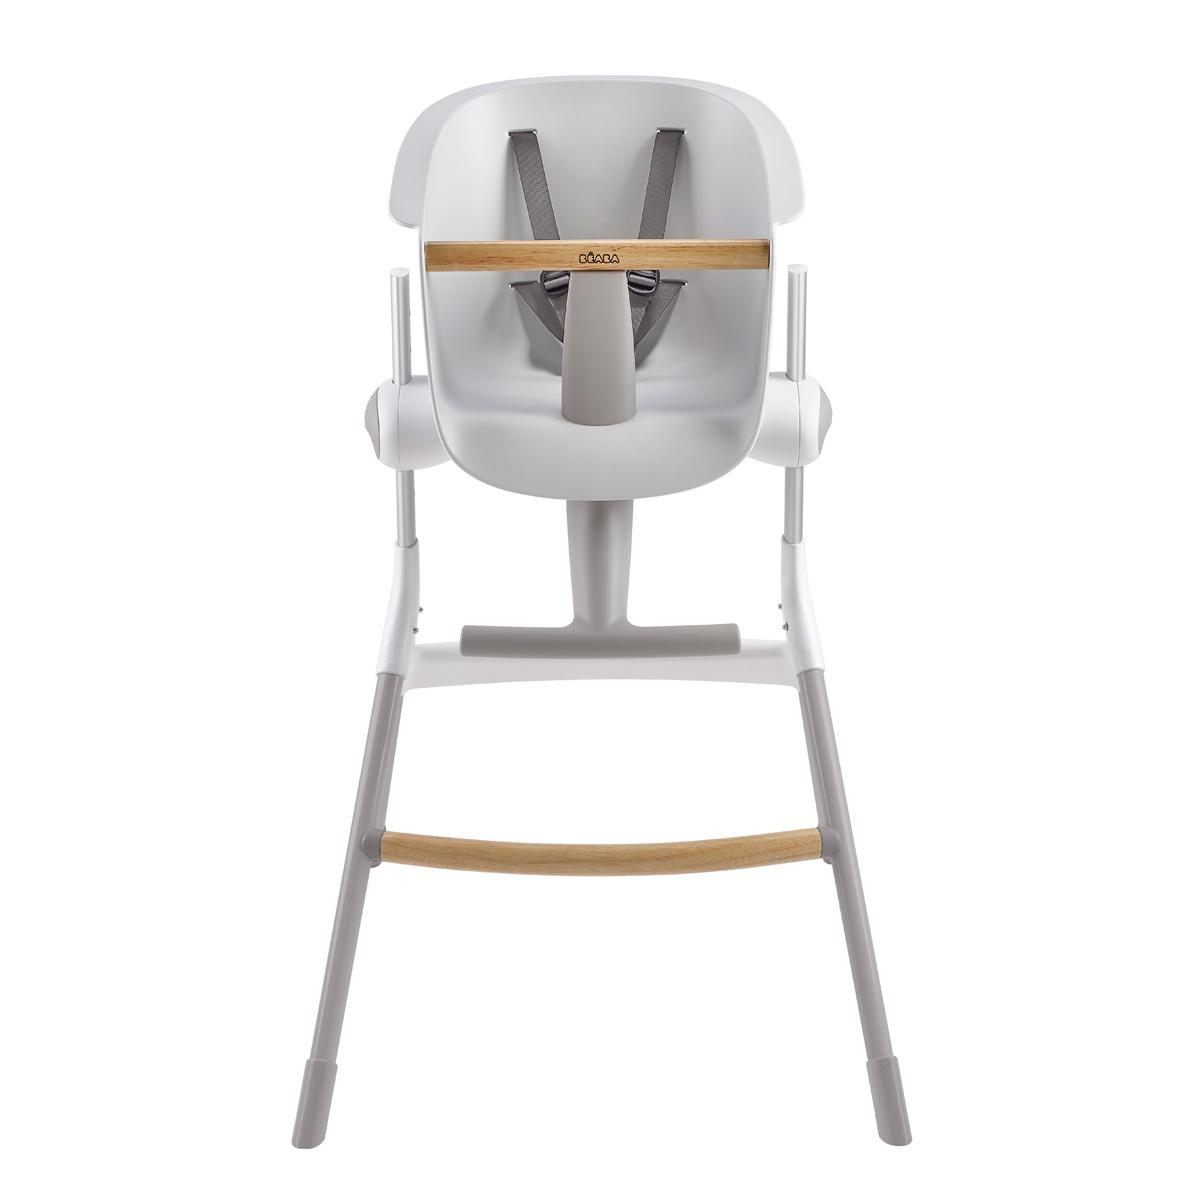 b aba chaise haute up down gris blanc chaise haute b aba sur l 39 armoire de b b. Black Bedroom Furniture Sets. Home Design Ideas